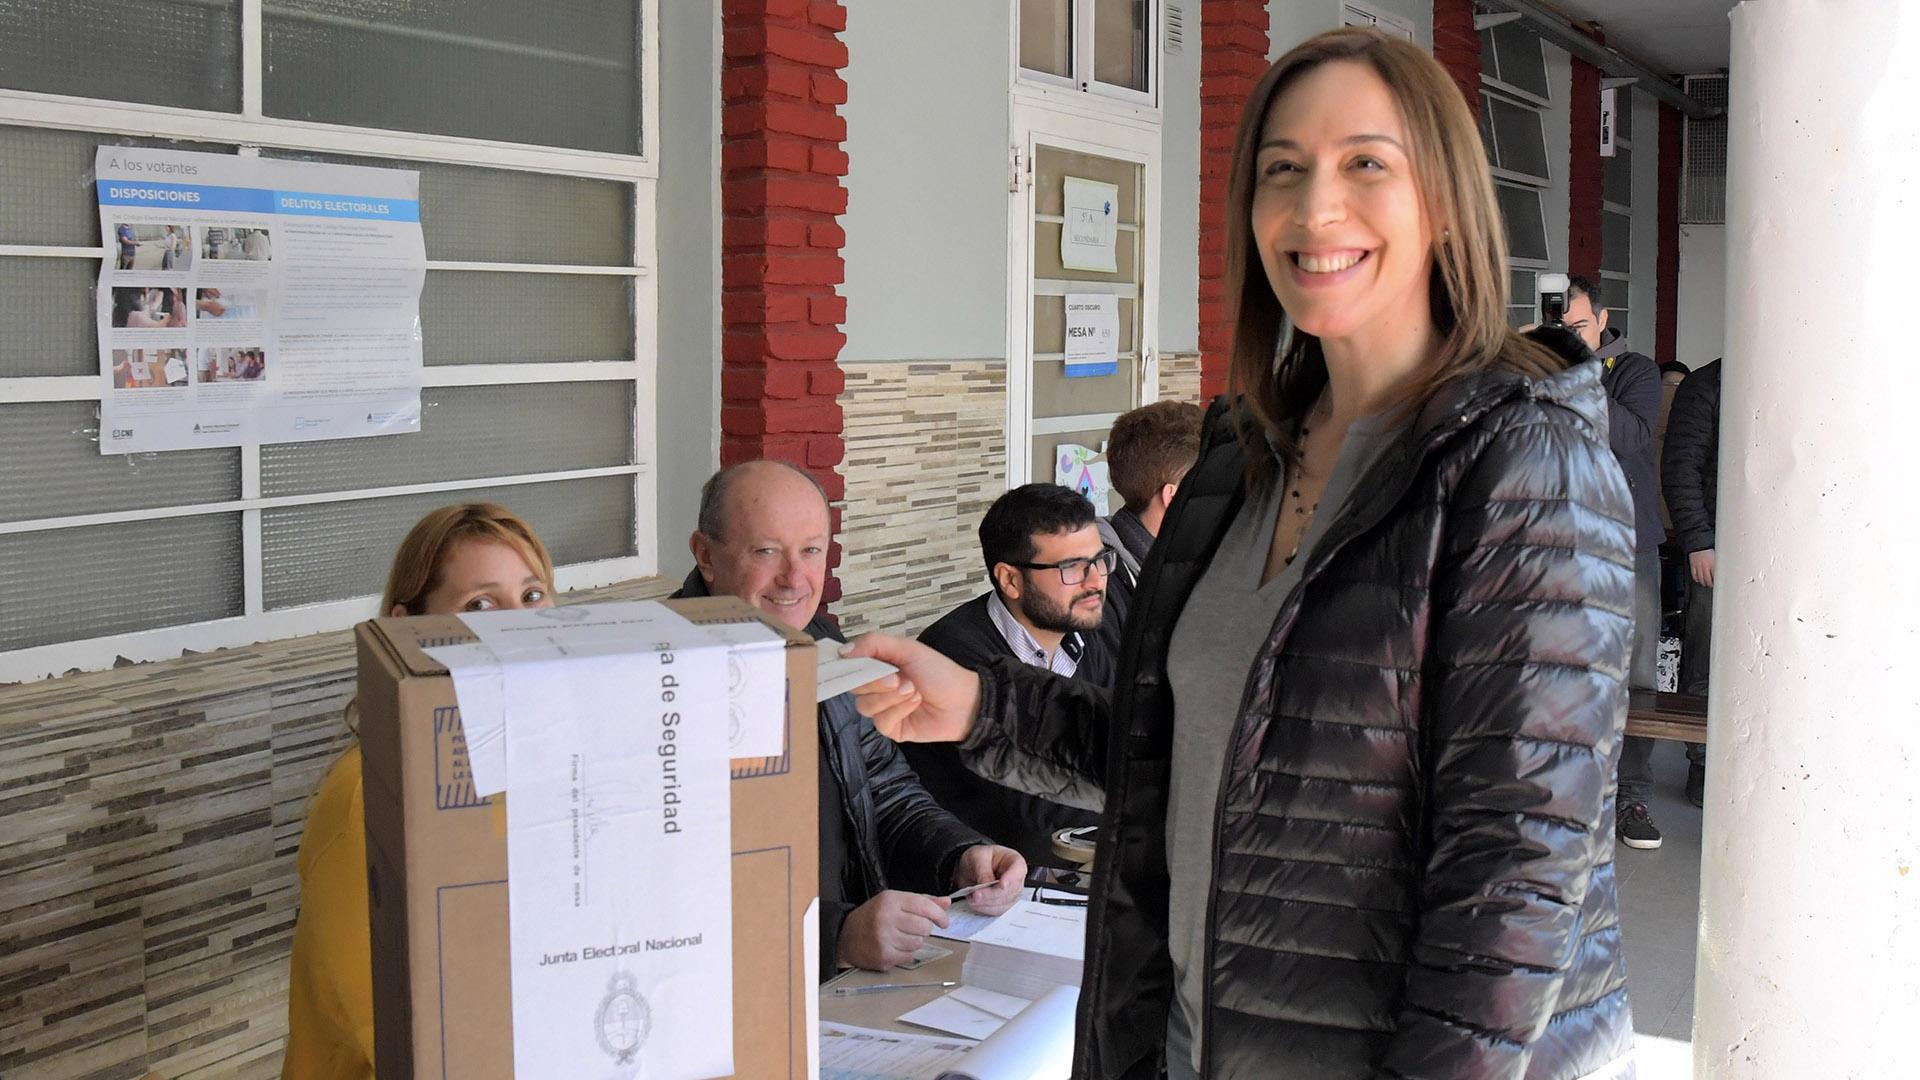 La gobernadora María Eugenia Vidal se inclinó por un look descontracturado. Campera negra de pluma y sweater gris escote en V. Lució el pelo lacio y suelto y optó por no maquillarse